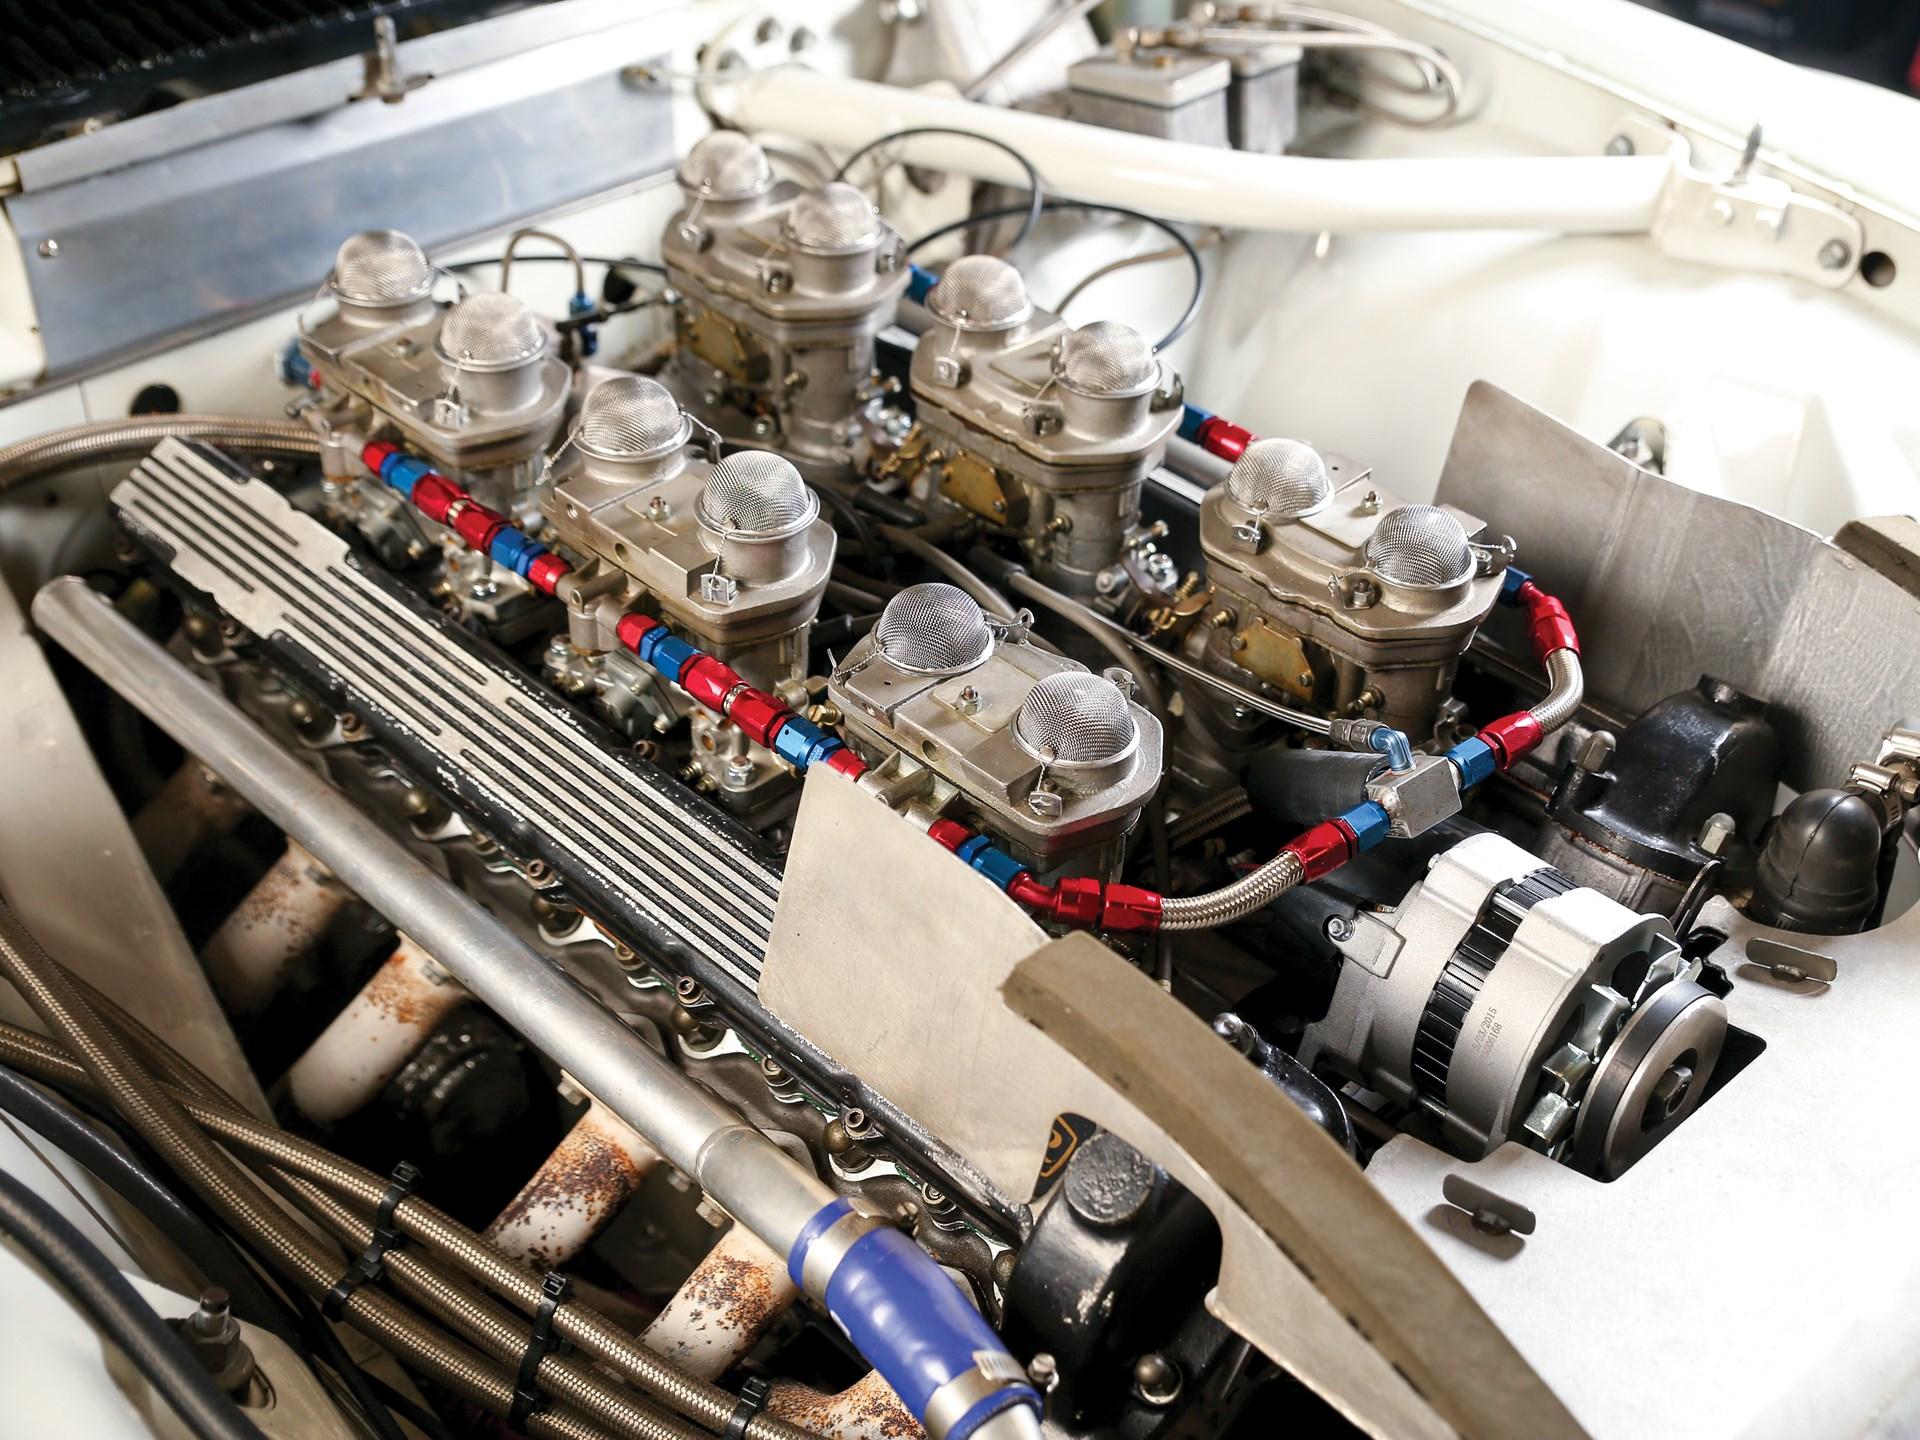 vintage racing jaguar engine closeup